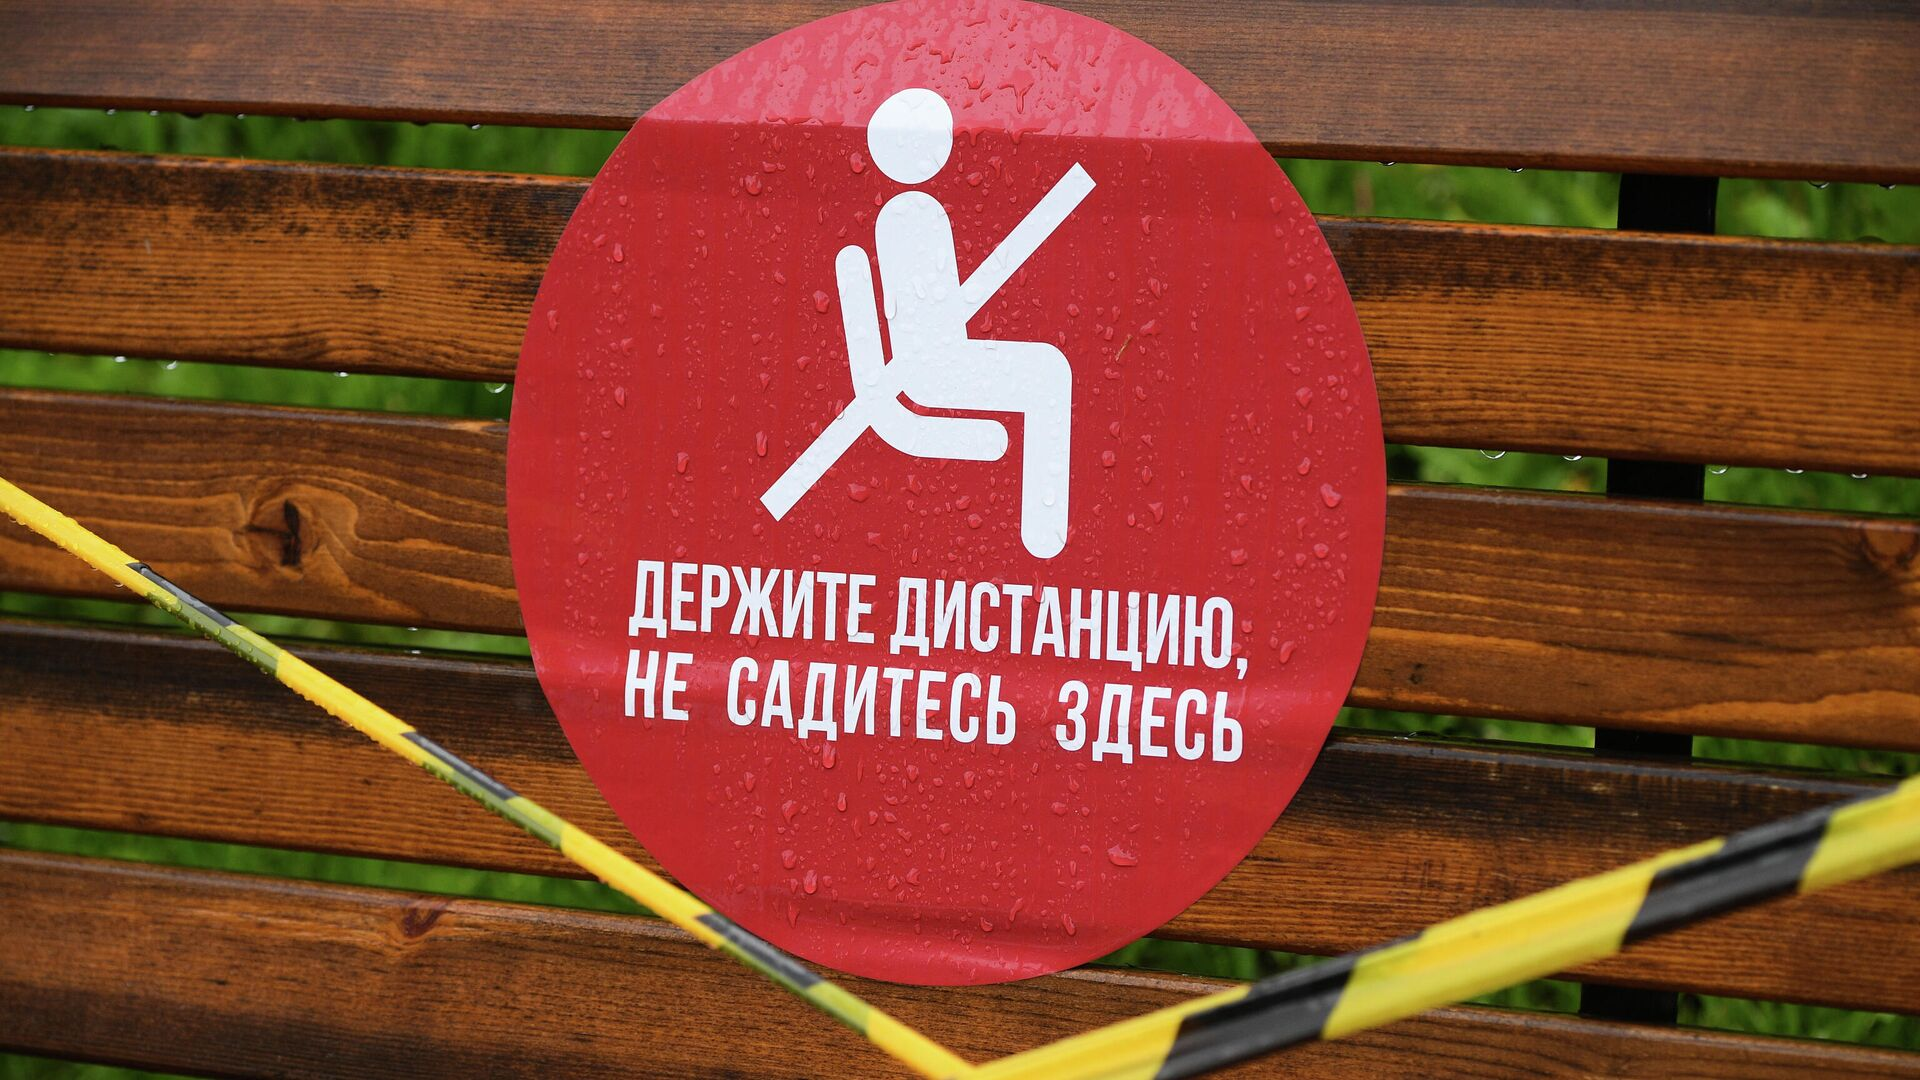 Наклейка на скамейке в парке Коломенское - РИА Новости, 1920, 12.02.2021